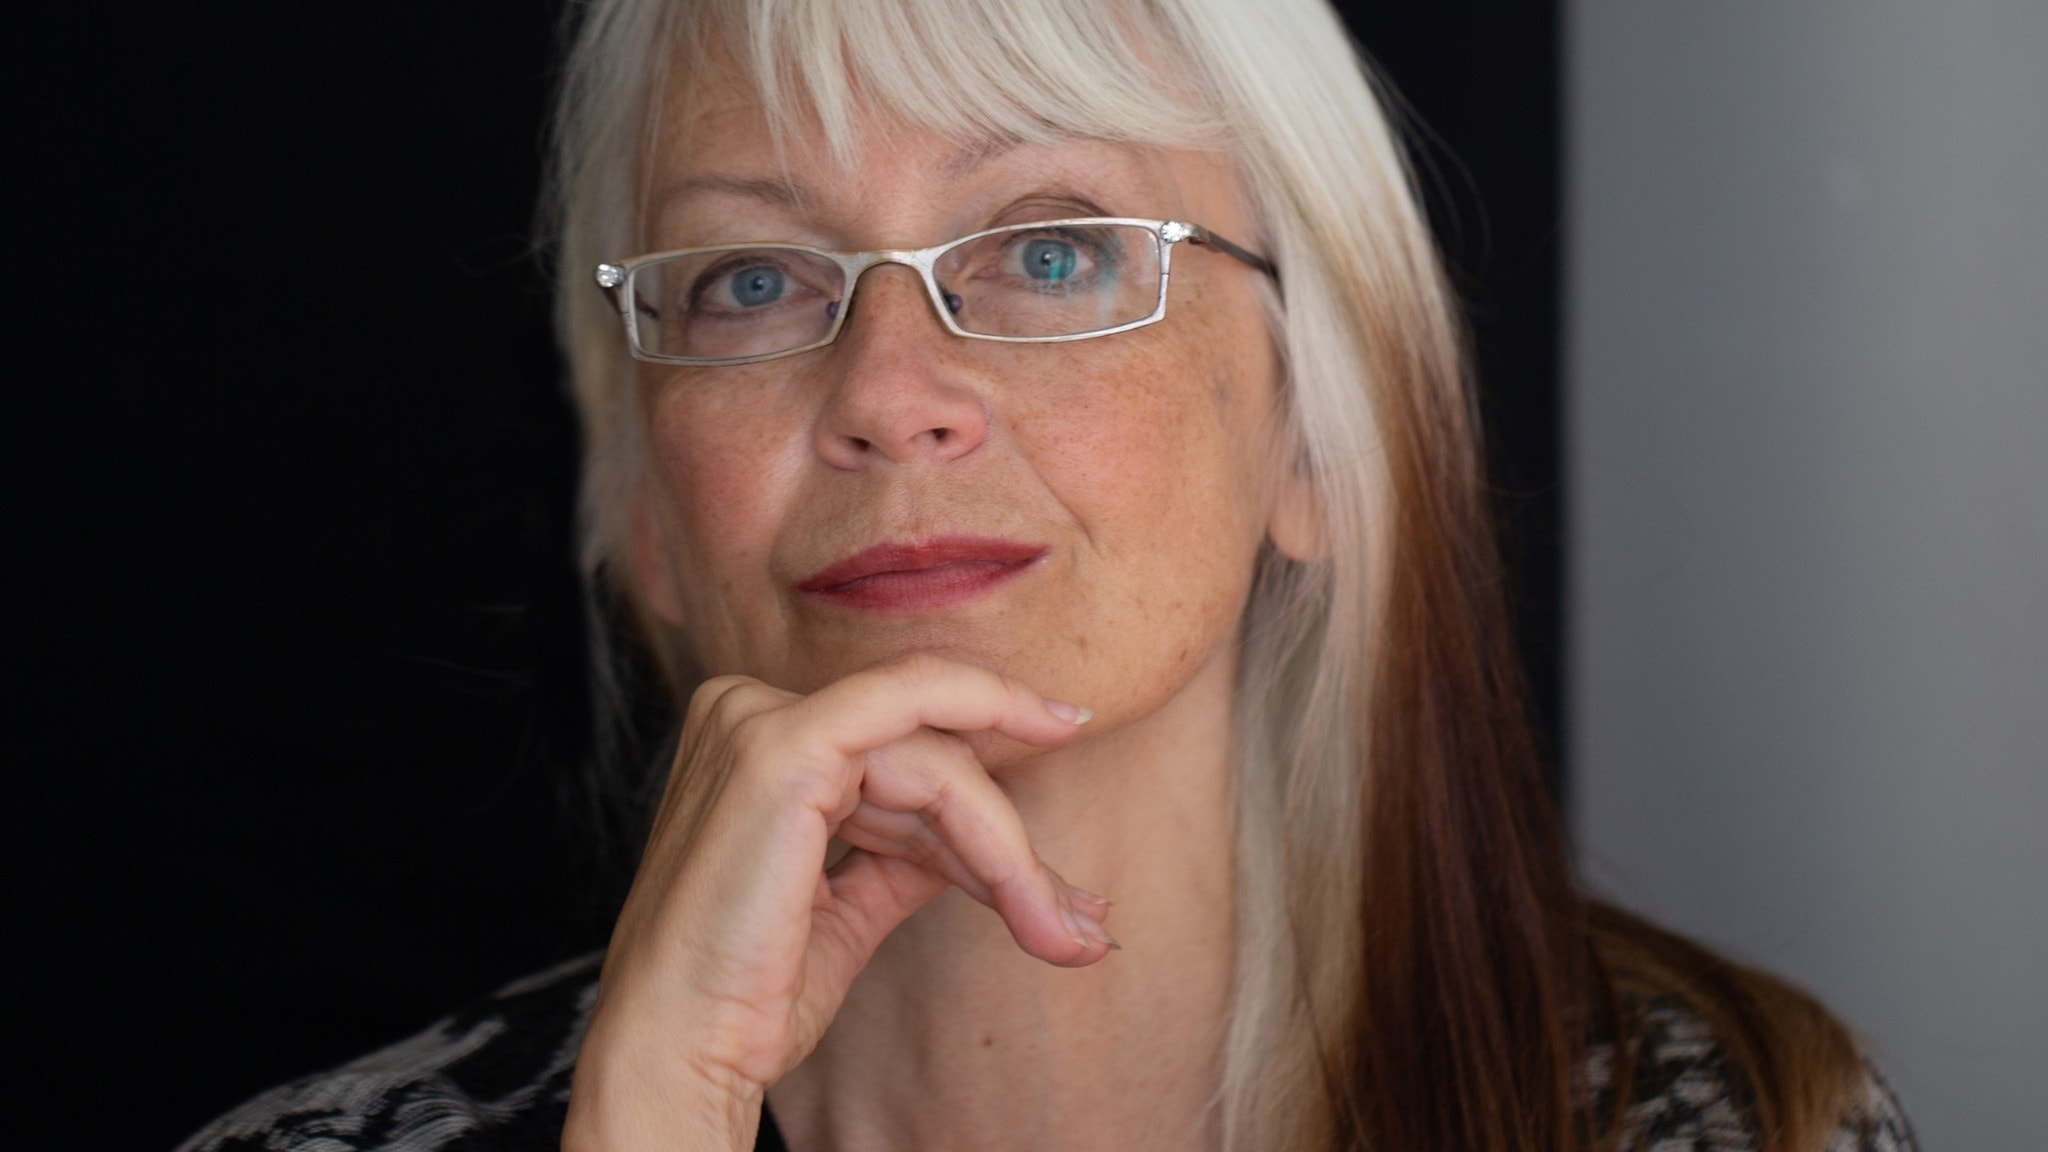 Inger Edelfeldt